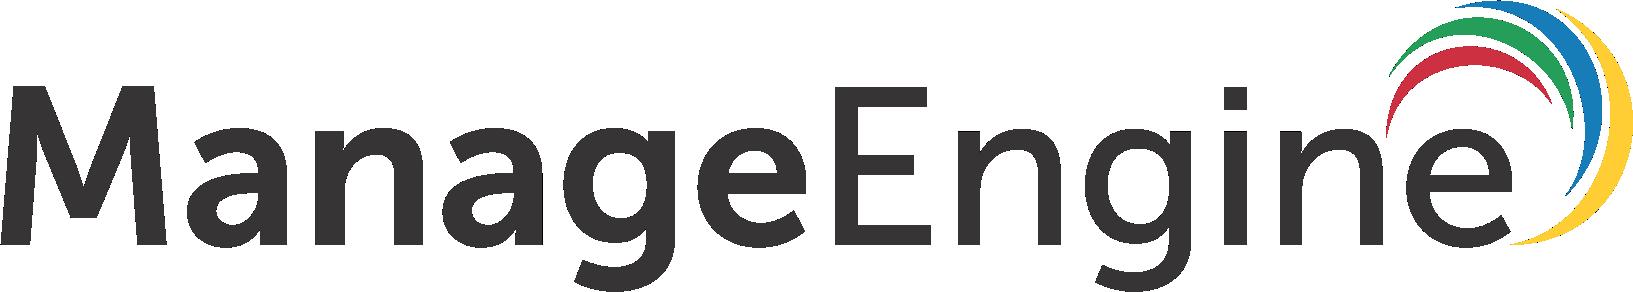 https://campaign-image.com/zohocampaigns/325732000008406091_zc_v71_manageengine_logo.png